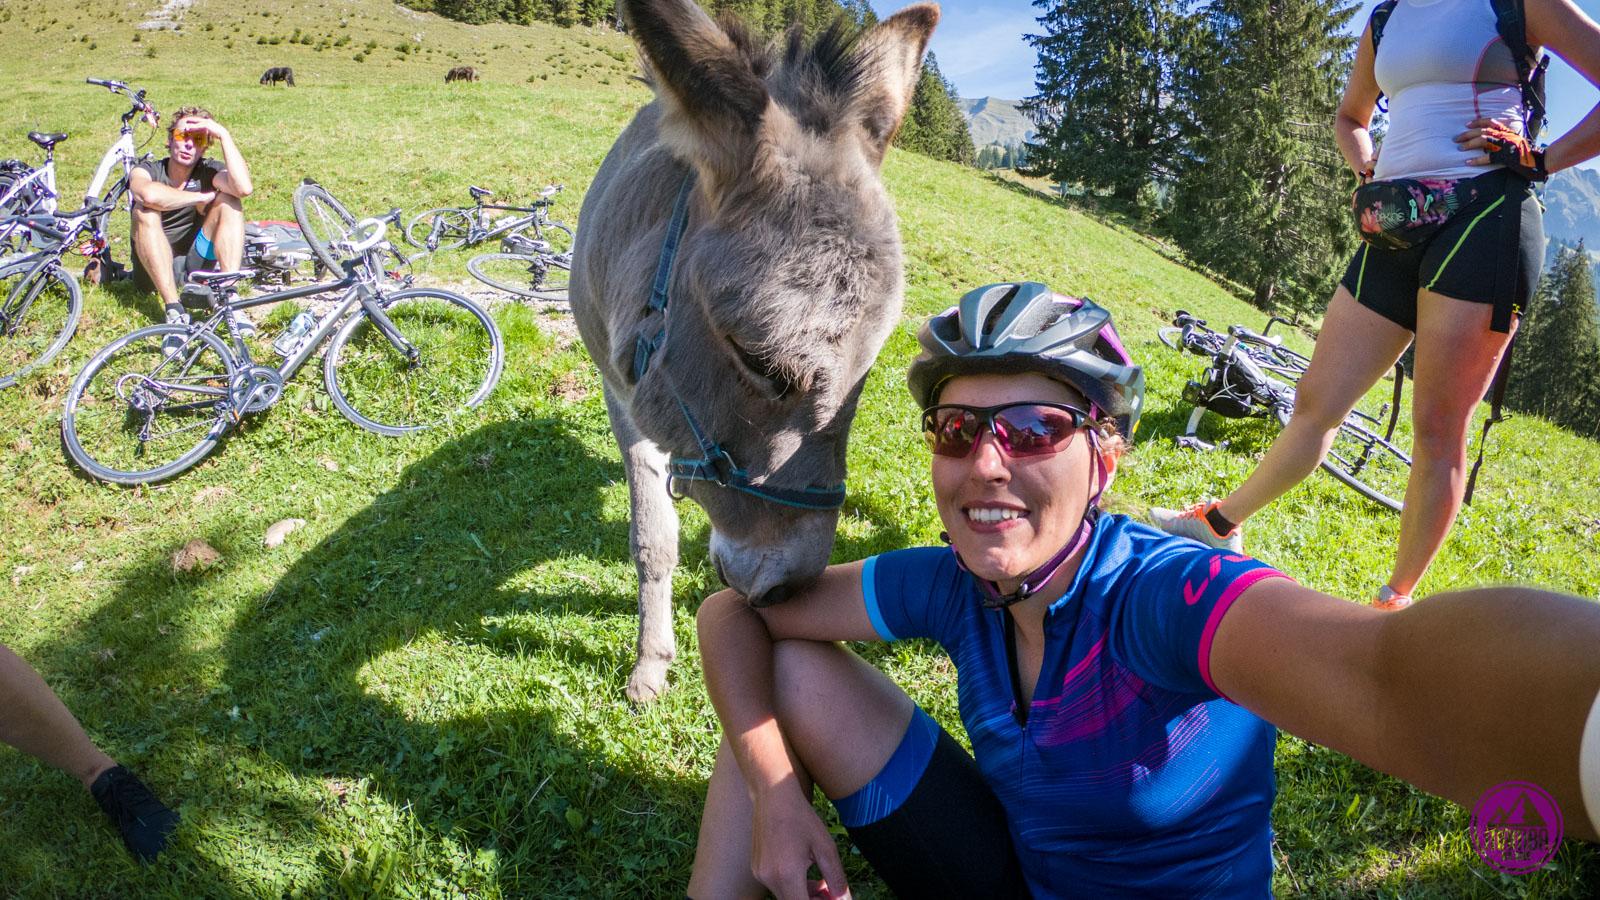 Alpejska Trasa Panoramiczna - selfie z osłem